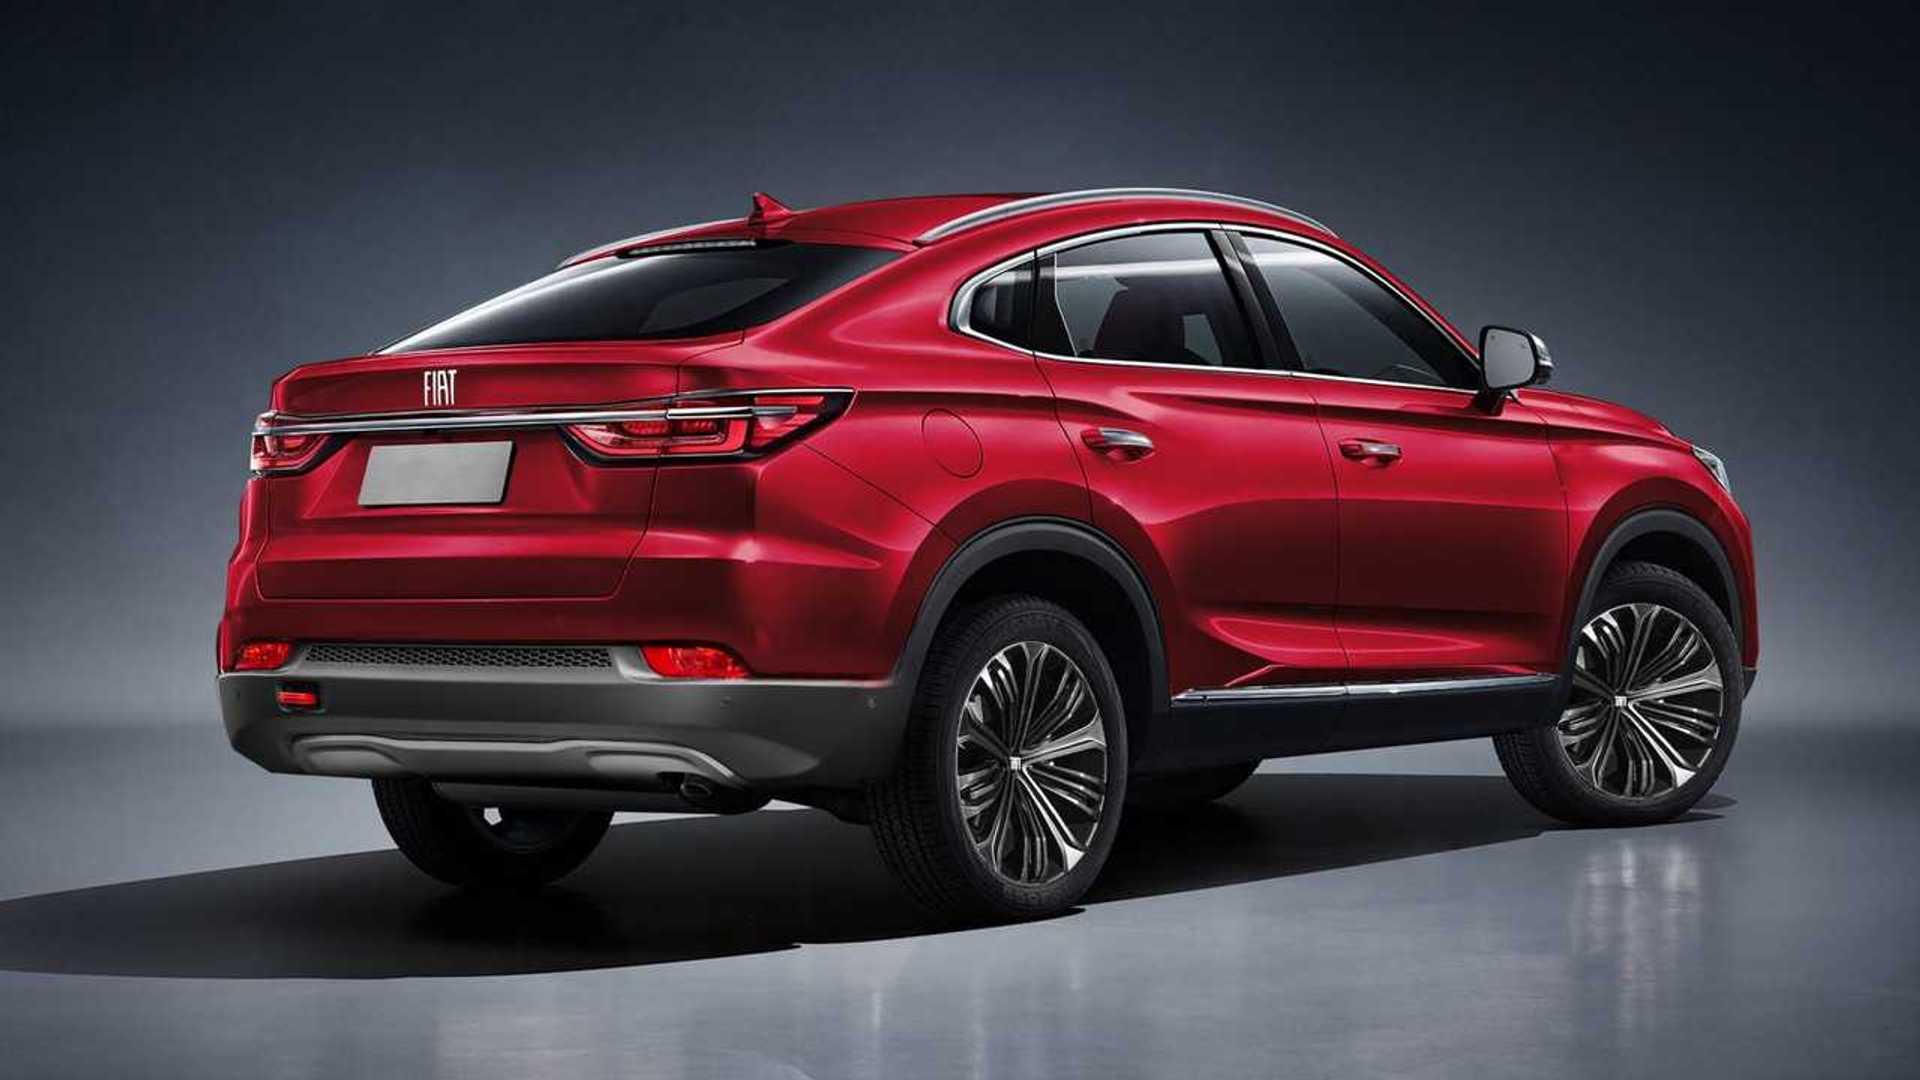 Projeções antecipam novos Fiat SUV cupê e Toro reestilizada Projecoes-fiat-fastback-2021-e-toro-2020